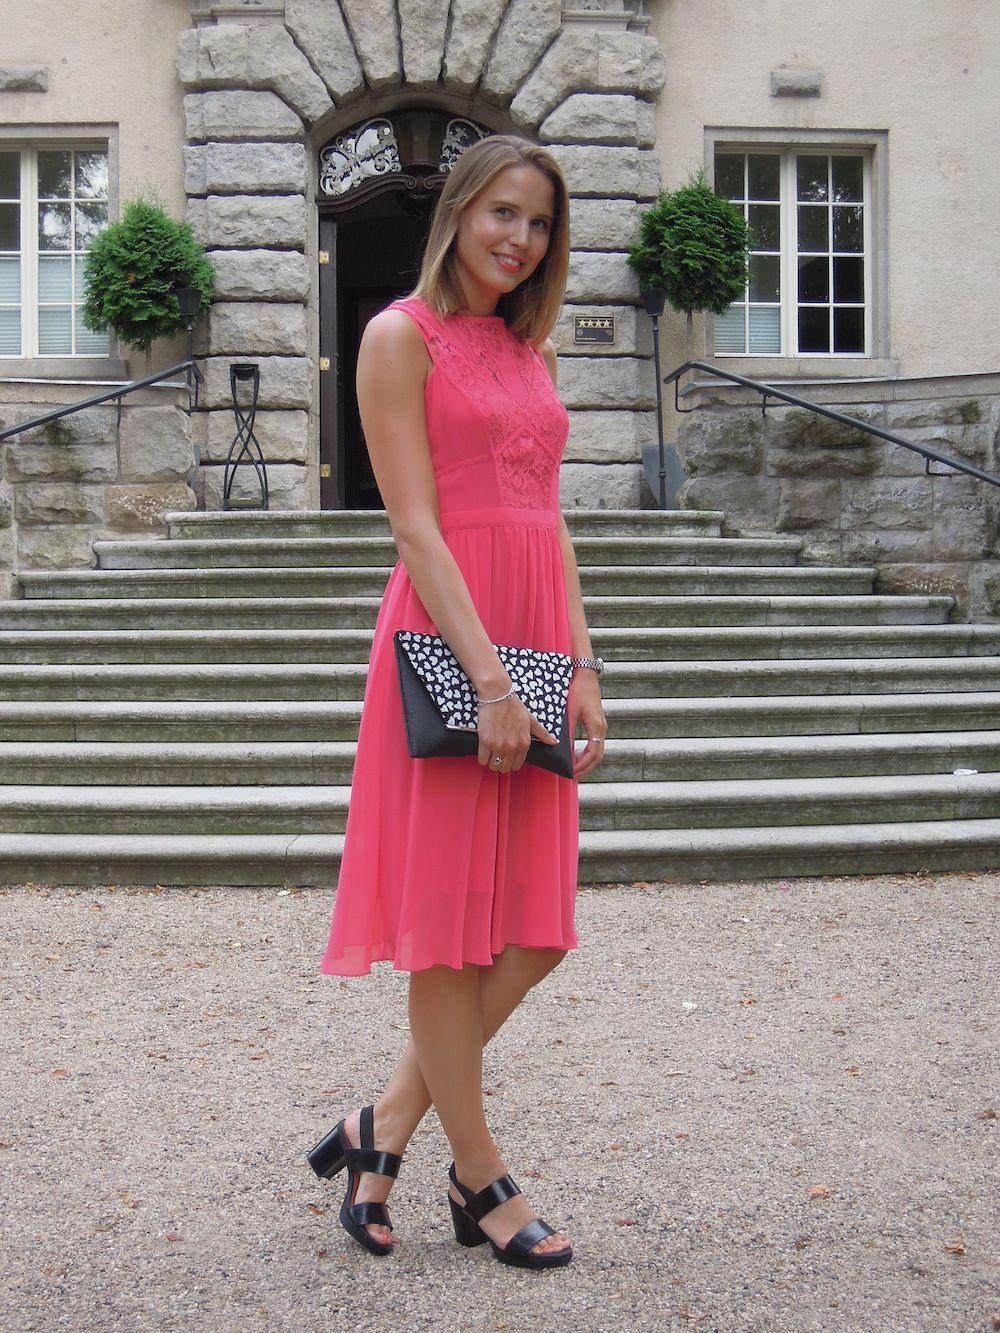 13 Fantastisch Kleid Pink Hochzeit ÄrmelAbend Cool Kleid Pink Hochzeit Stylish